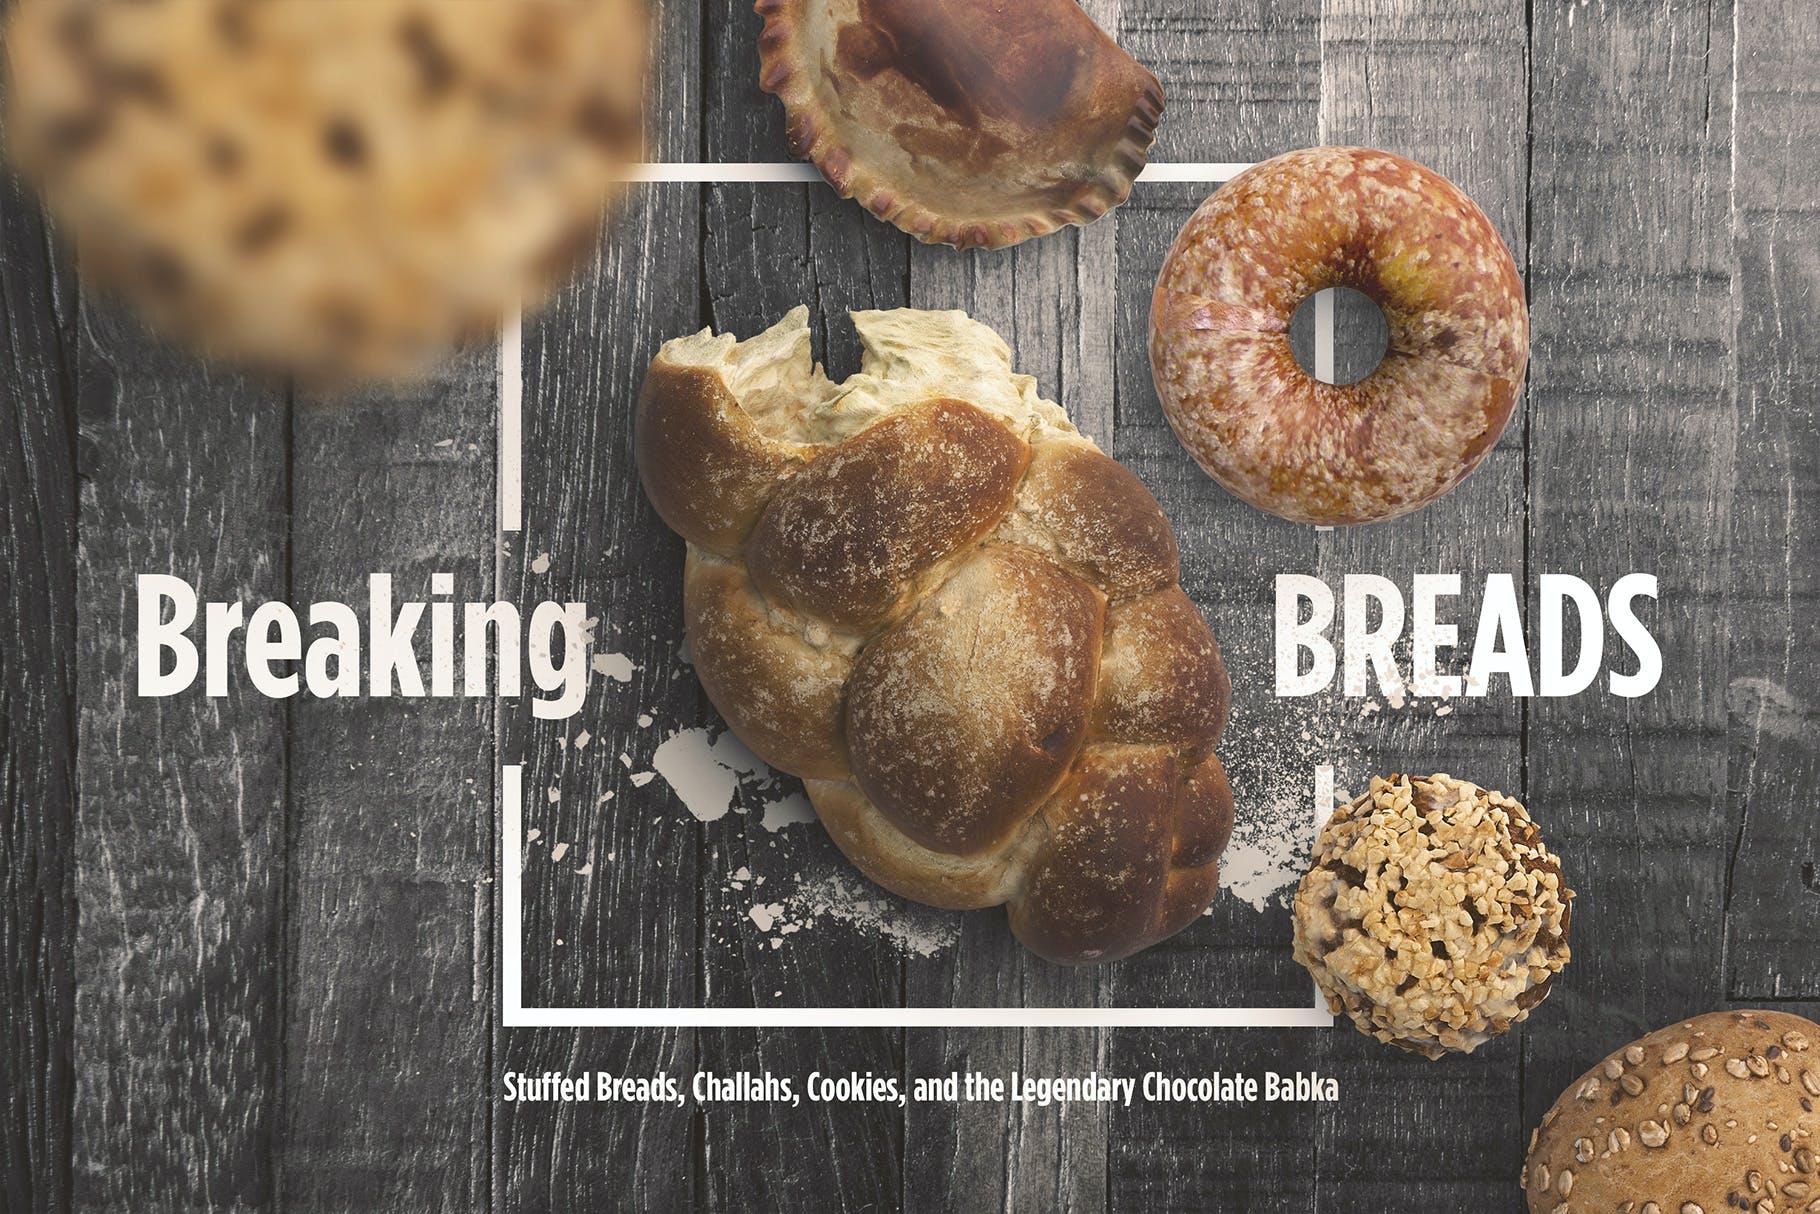 顶视图烘培面包店场景文字设计样机素材 Bakery Scene Creator Top View插图(3)